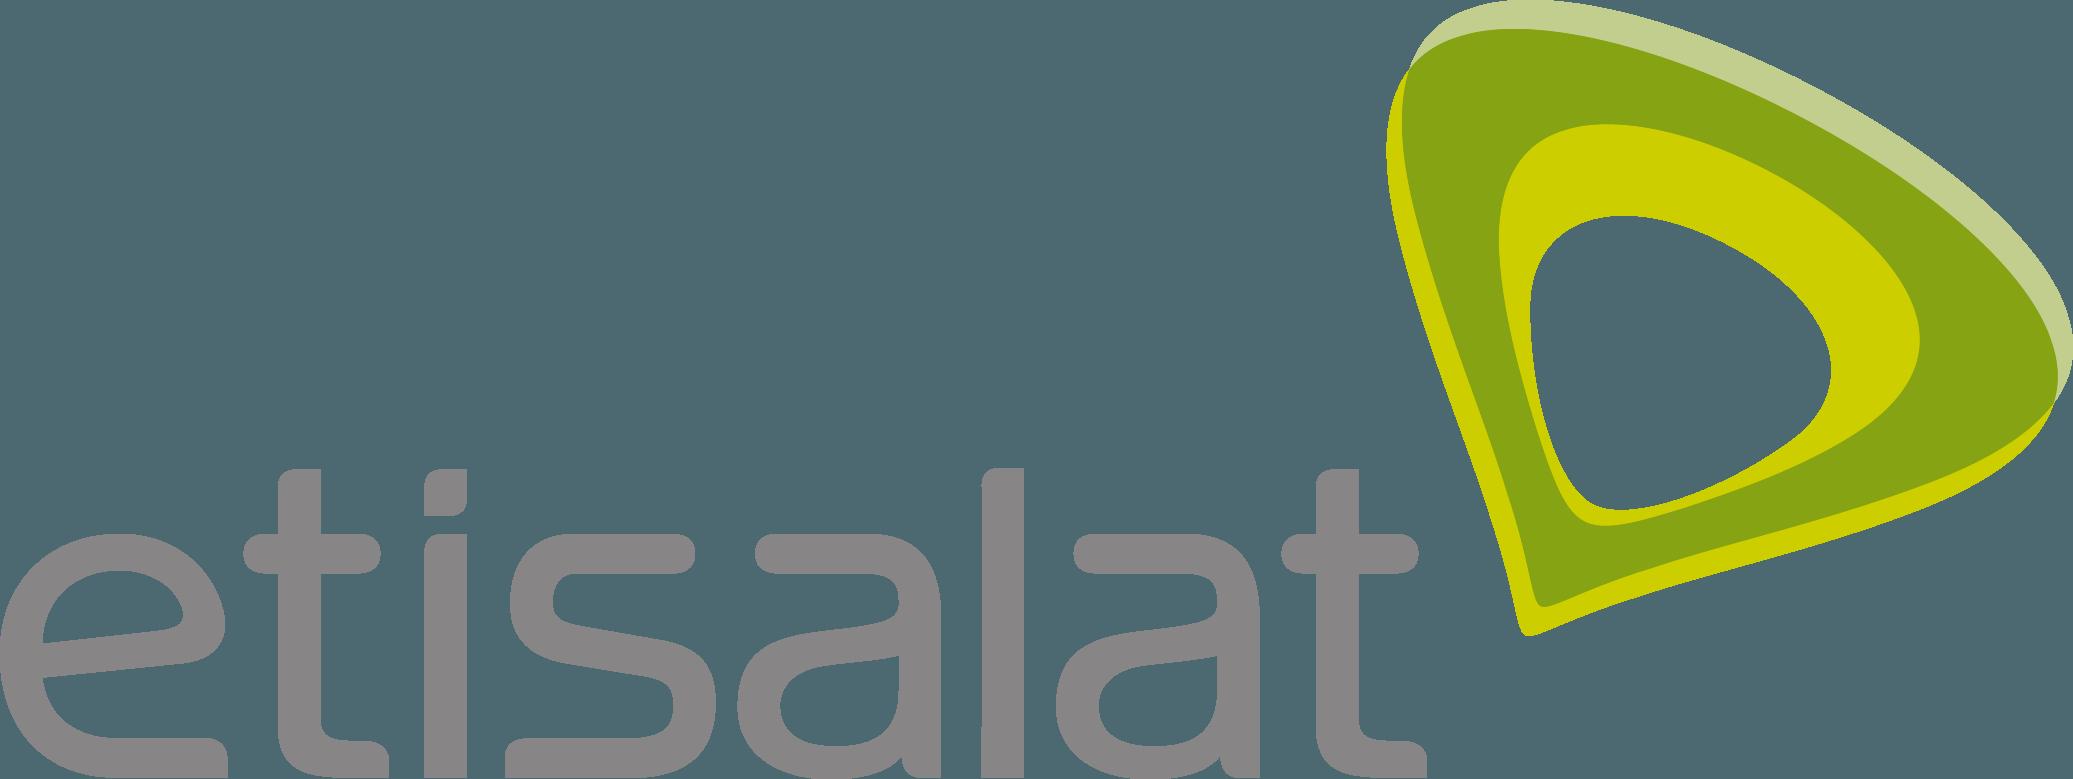 Etisalat Logo png